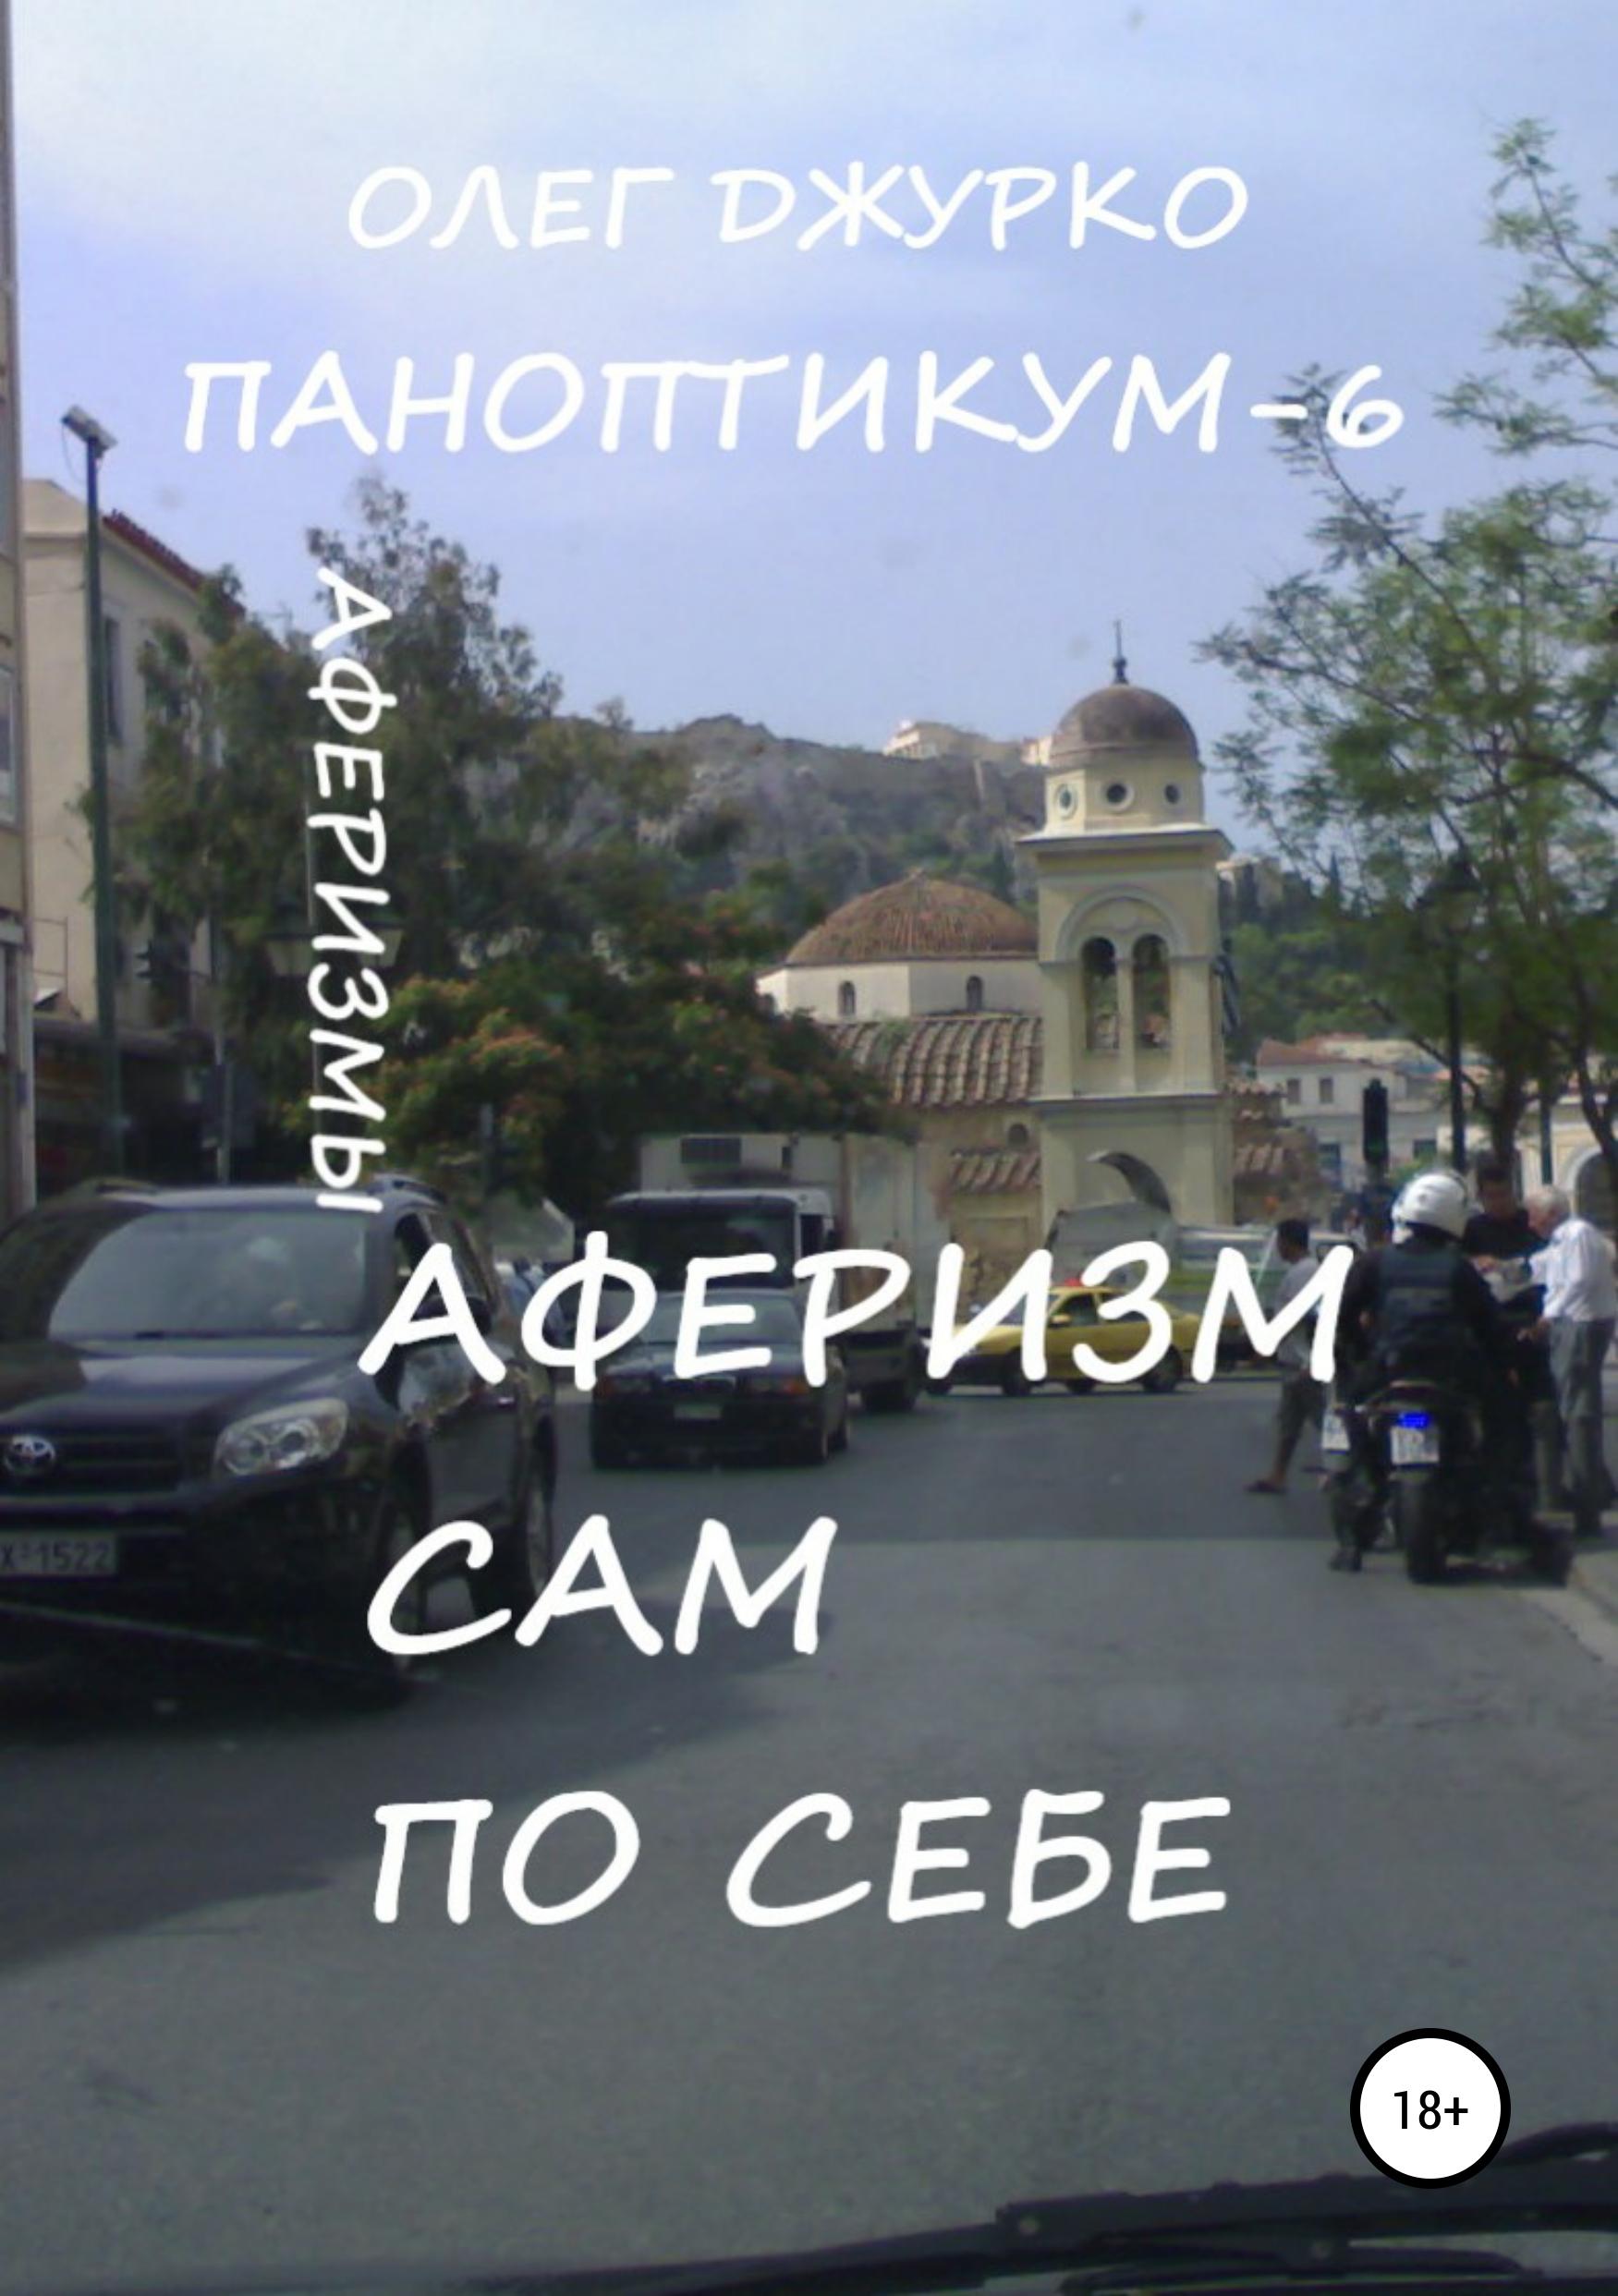 Олег Джурко Аферизм сам по себе. Паноптикум 6 цена